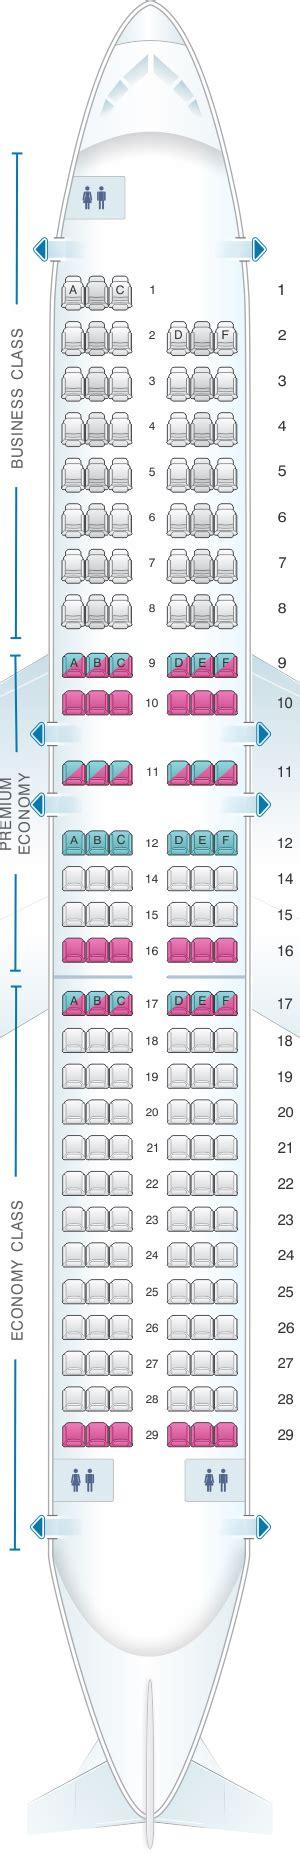 siege premium air plan de cabine air airbus a320 europe seatmaestro fr